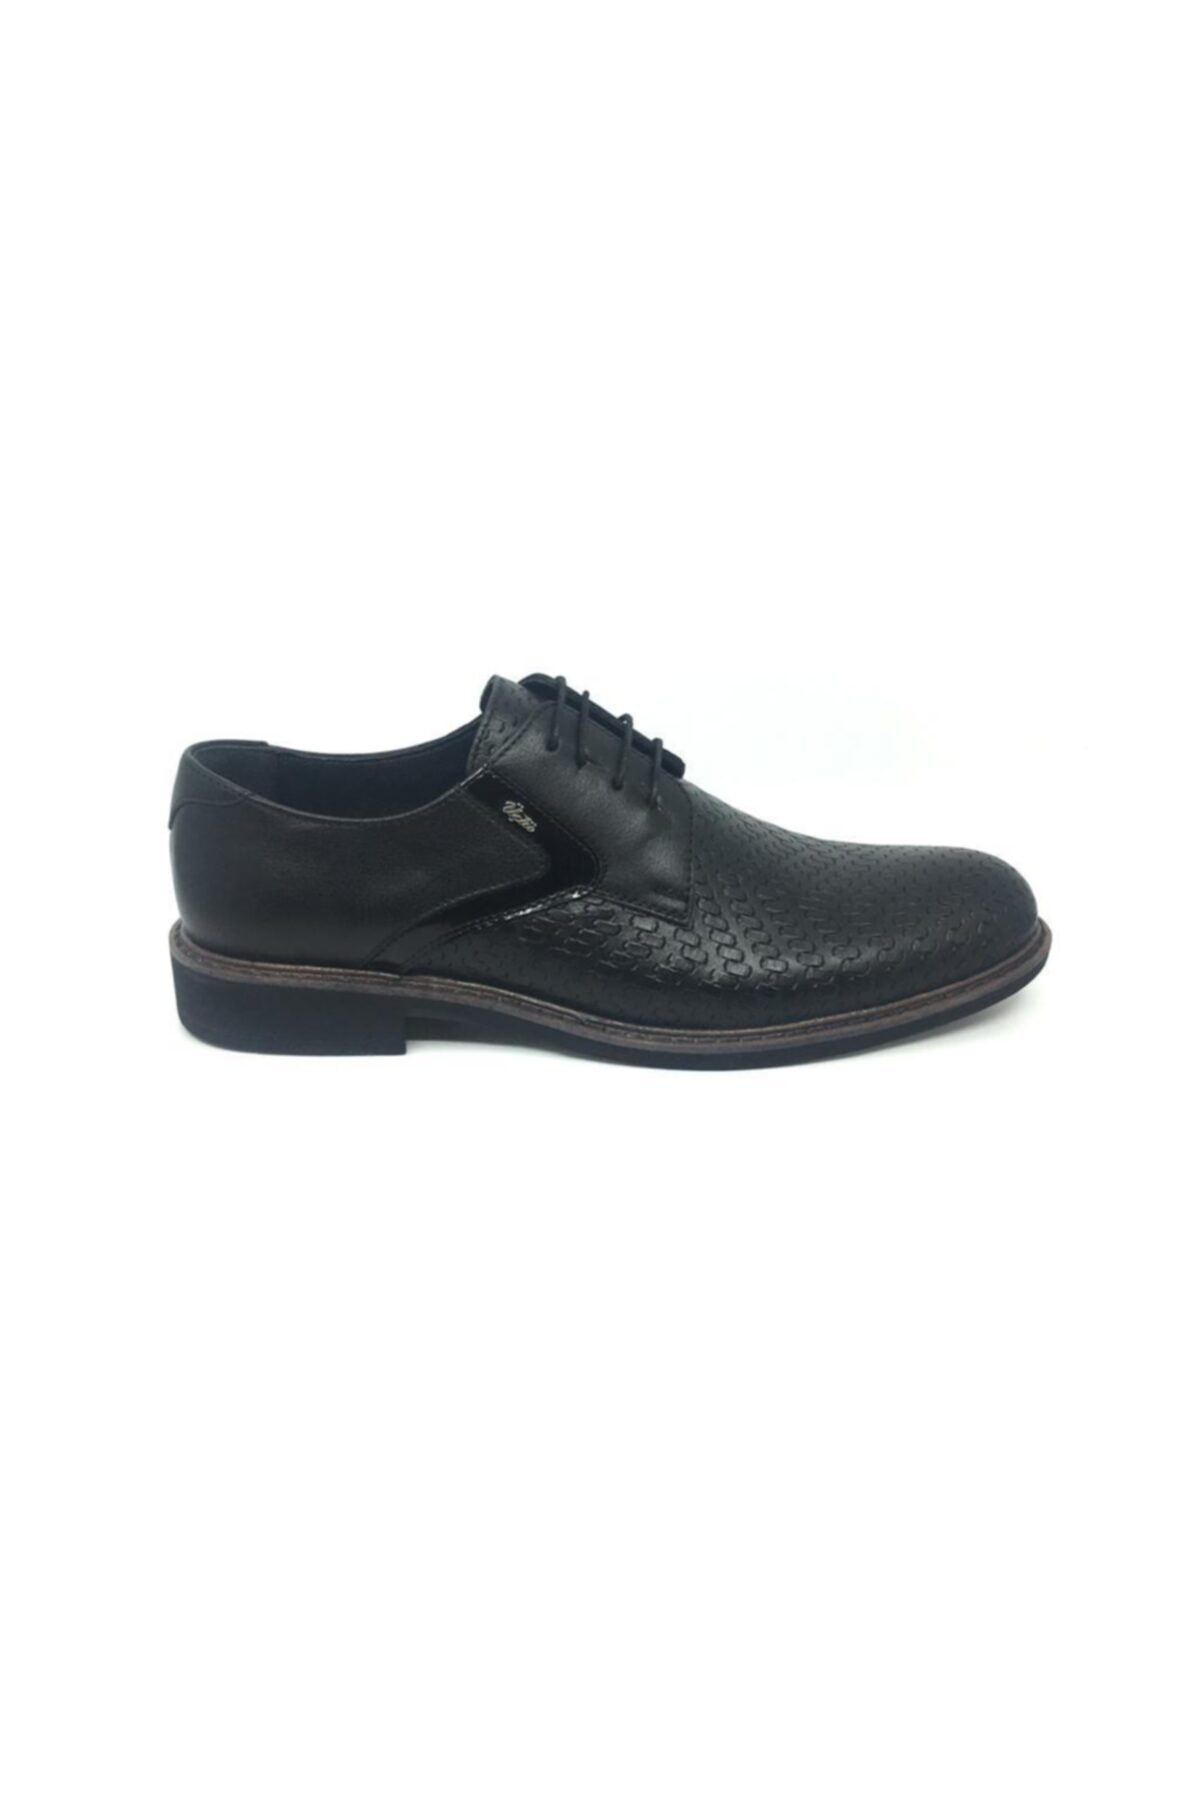 Taşpınar Erkek Siyah Deri Klasik Yazlık Ayakkabı 2